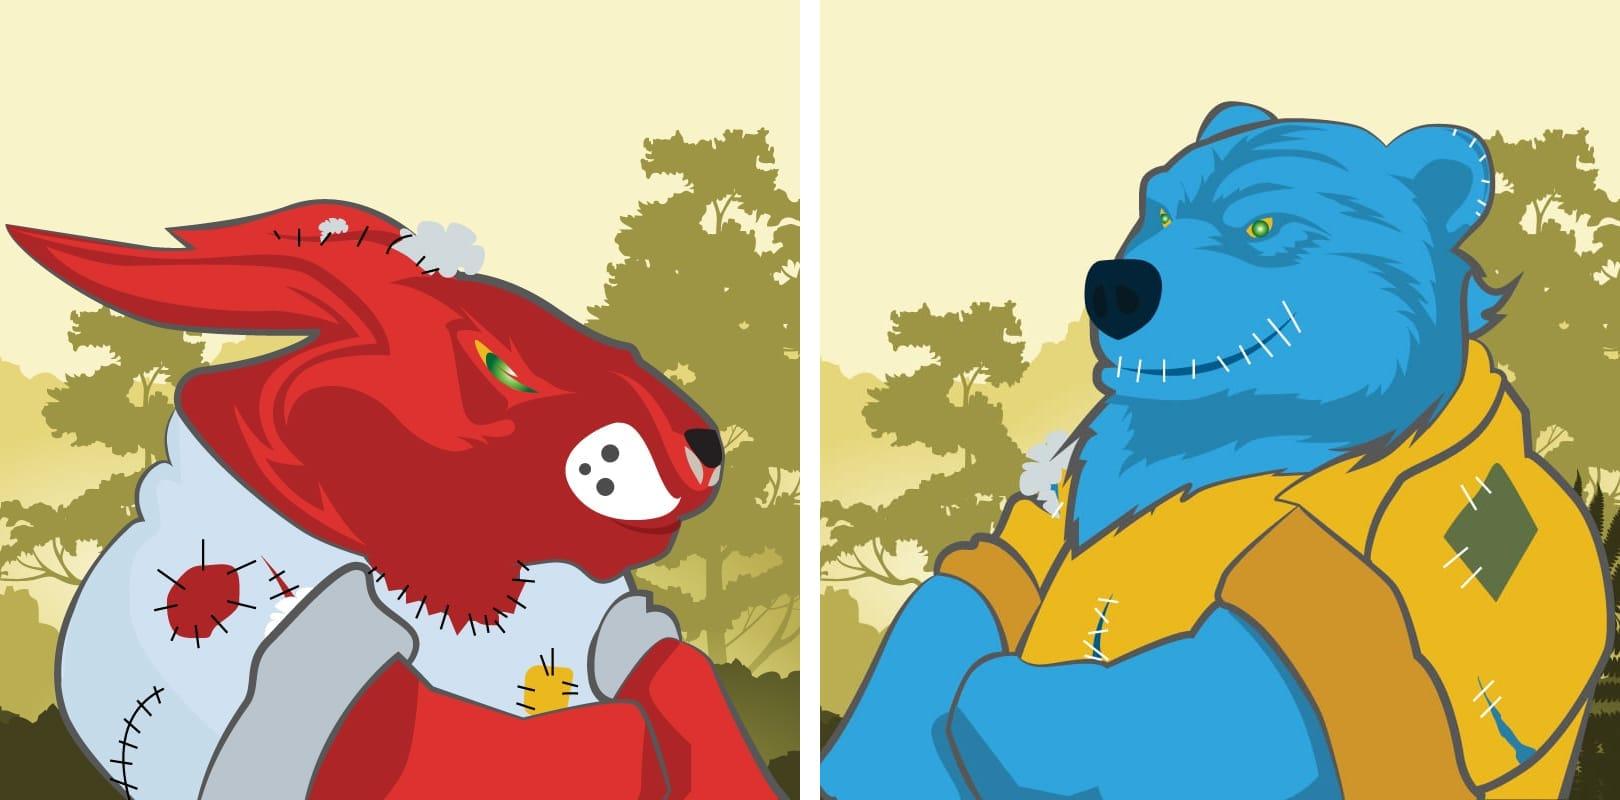 Design Shifu Illustrations